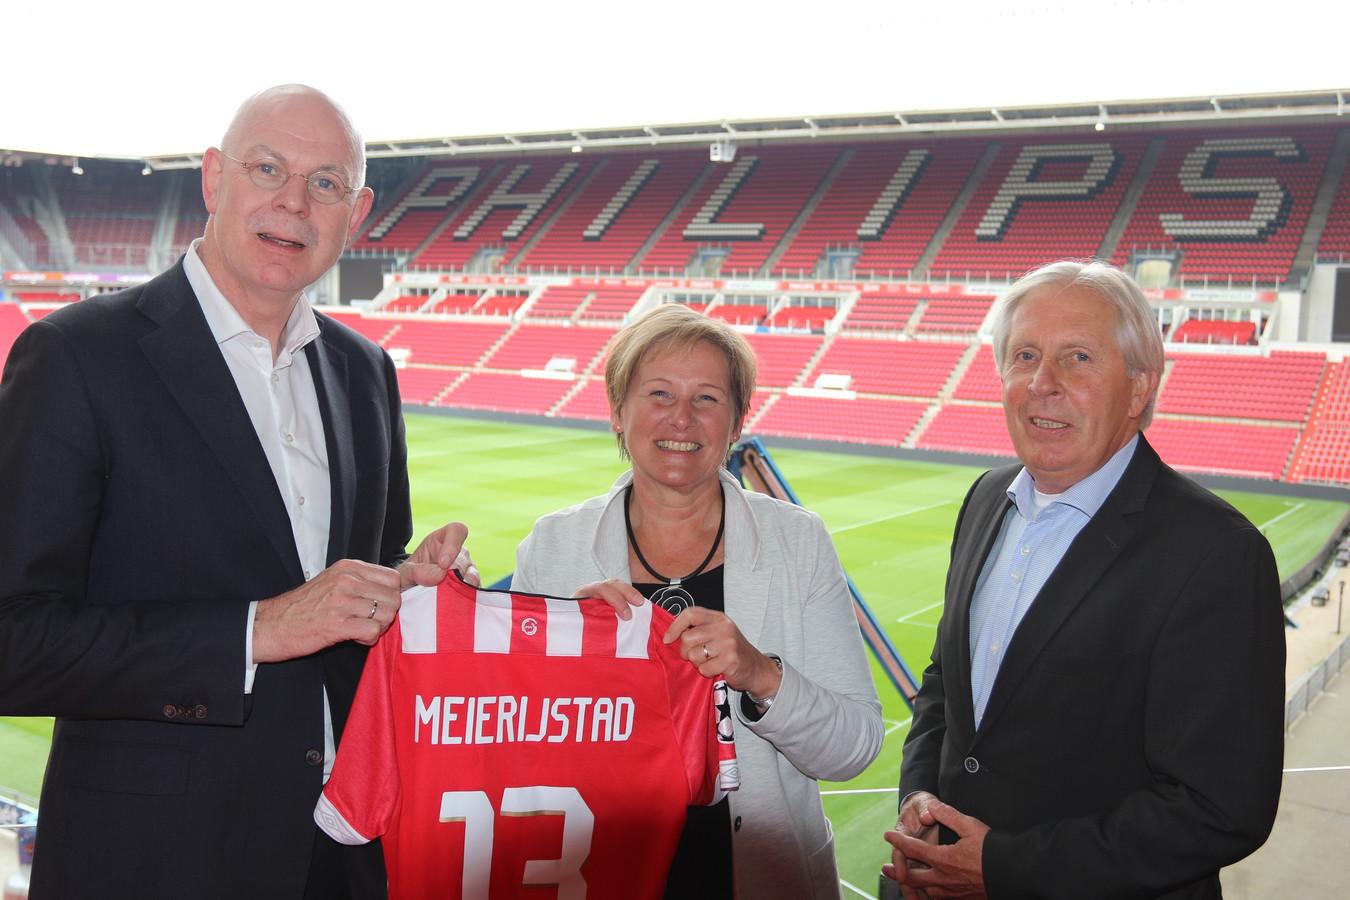 Sportwethouder Coby van der Pas van Meierijstad was eerder te gast in het stadion van PSV om de samenwerking met de PSV Foundation te tekenen. Links algemeen directeur Toon Gerbrands van PSV.